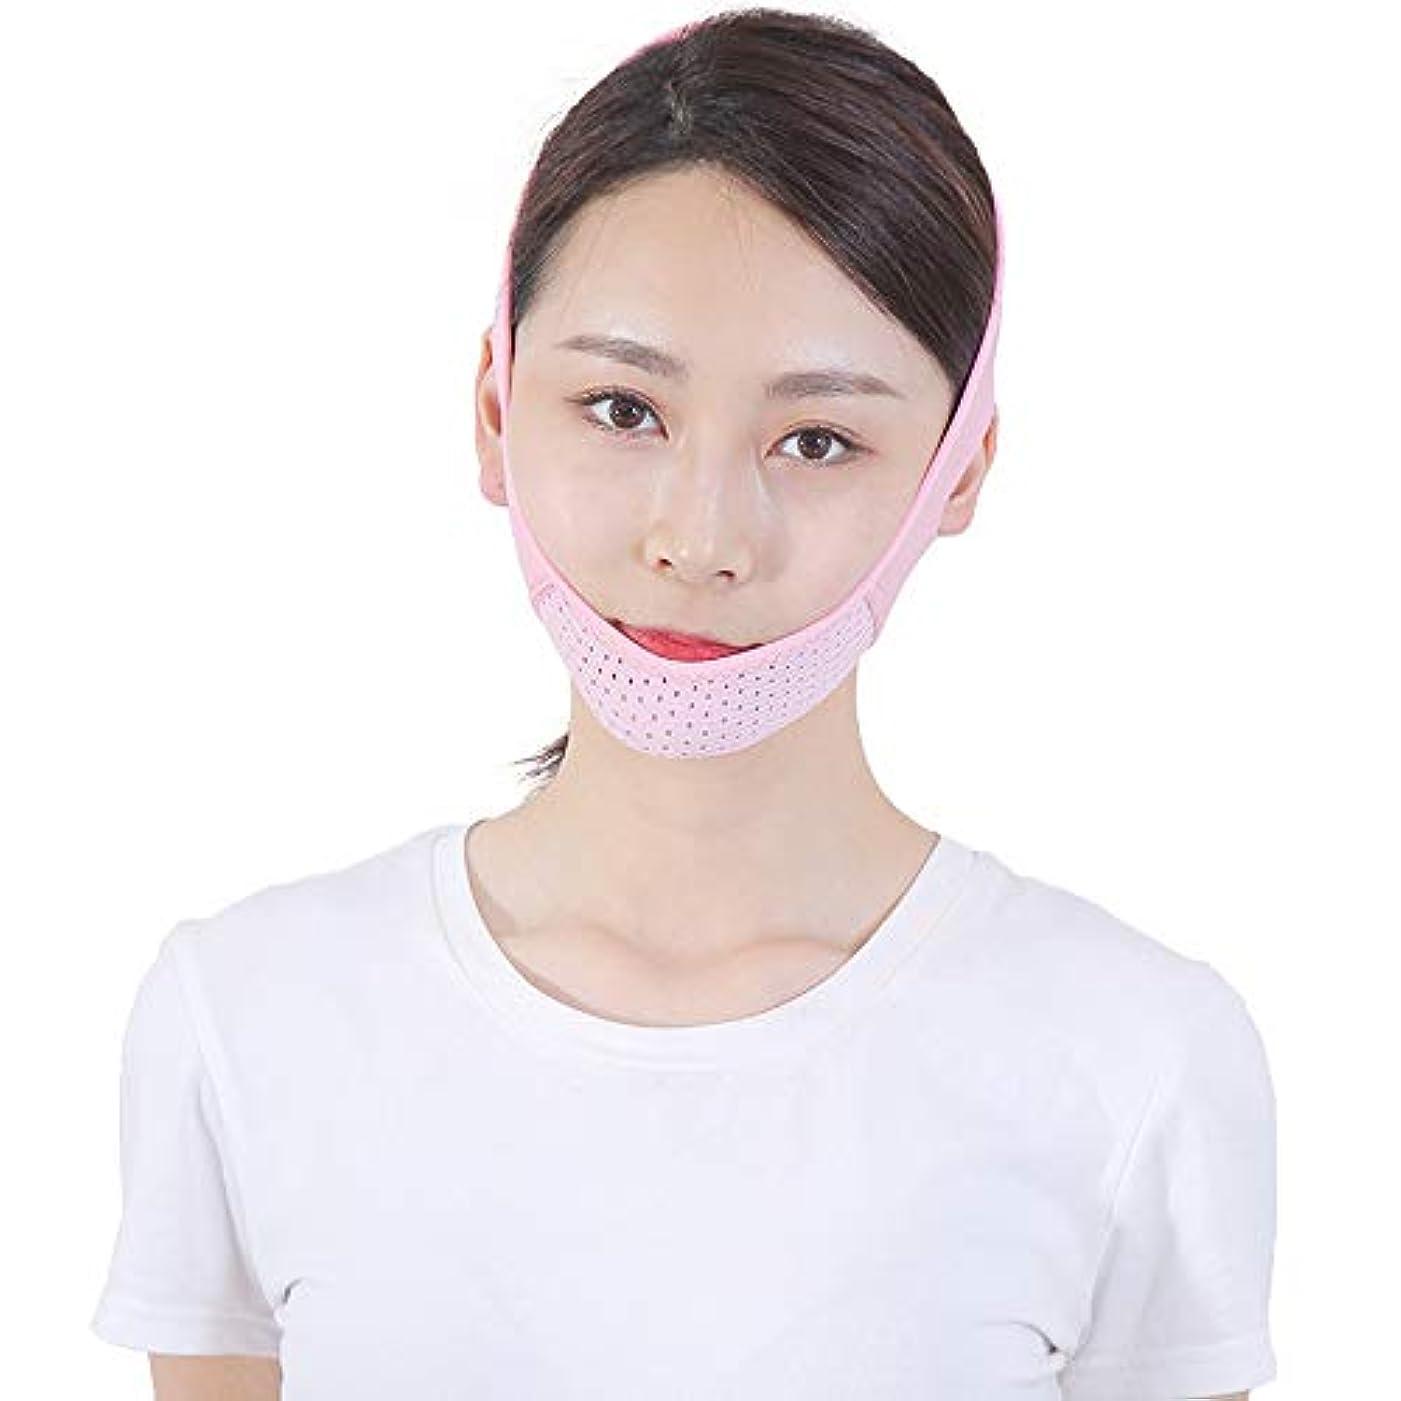 倉庫盗難にぎやかGYZ フェイシャルリフティング痩身ベルトフェイススリムゲットダブルチンアンチエイジングリンクルフェイスバンデージマスクシェイピングマスク顔を引き締めるダブルチンワークアウト Thin Face Belt